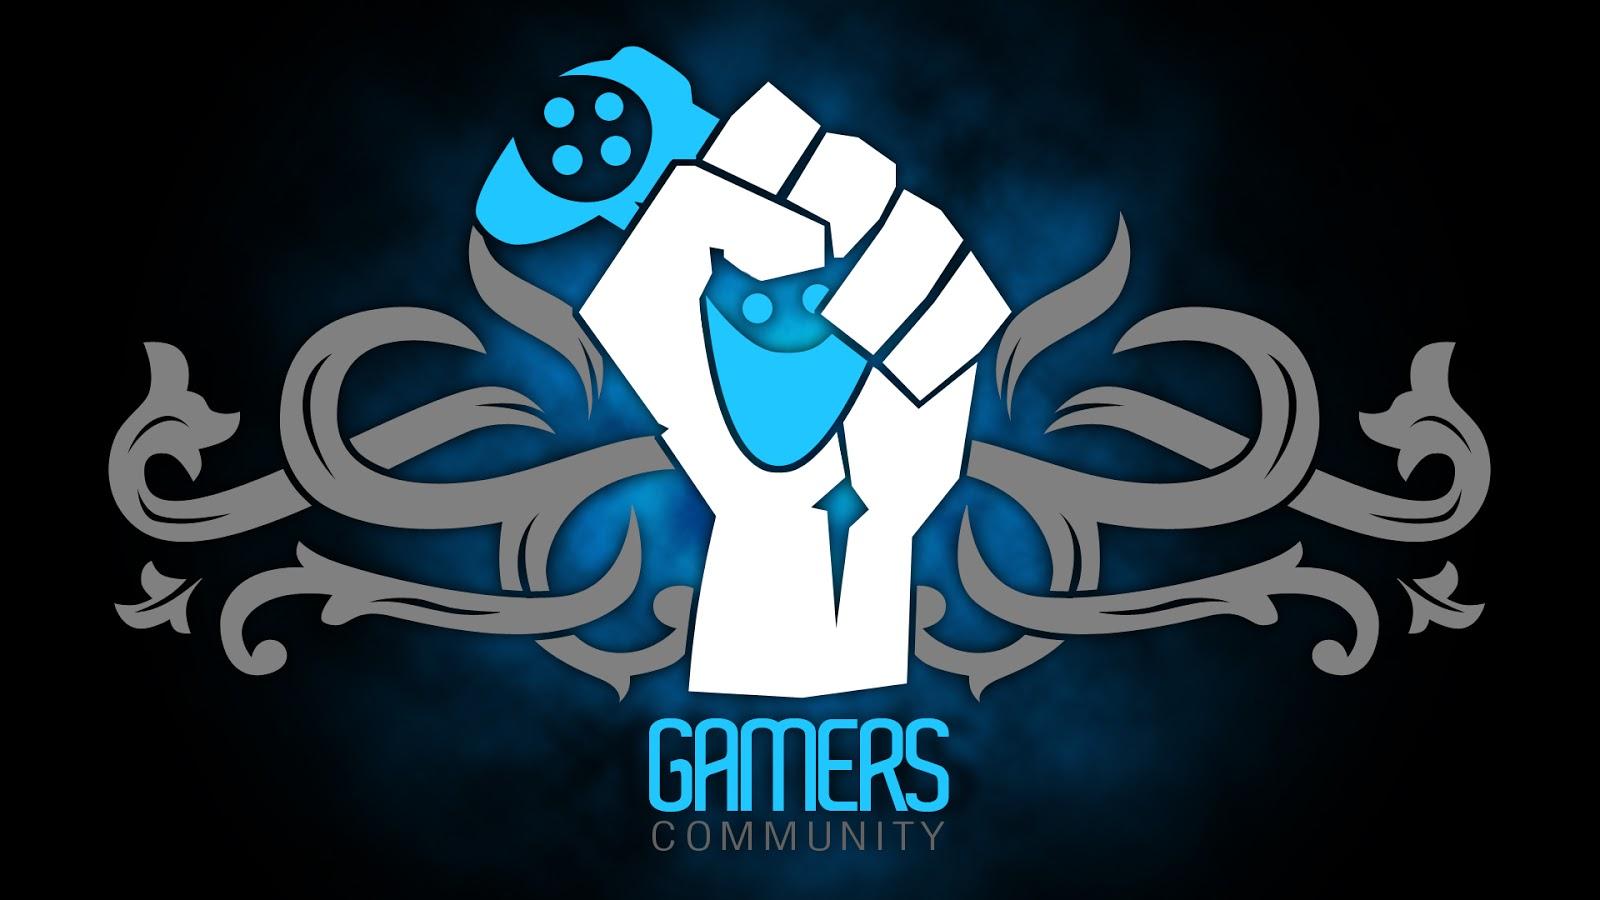 Musuh Musuh Abadi Para Gamers Endutzberbagi